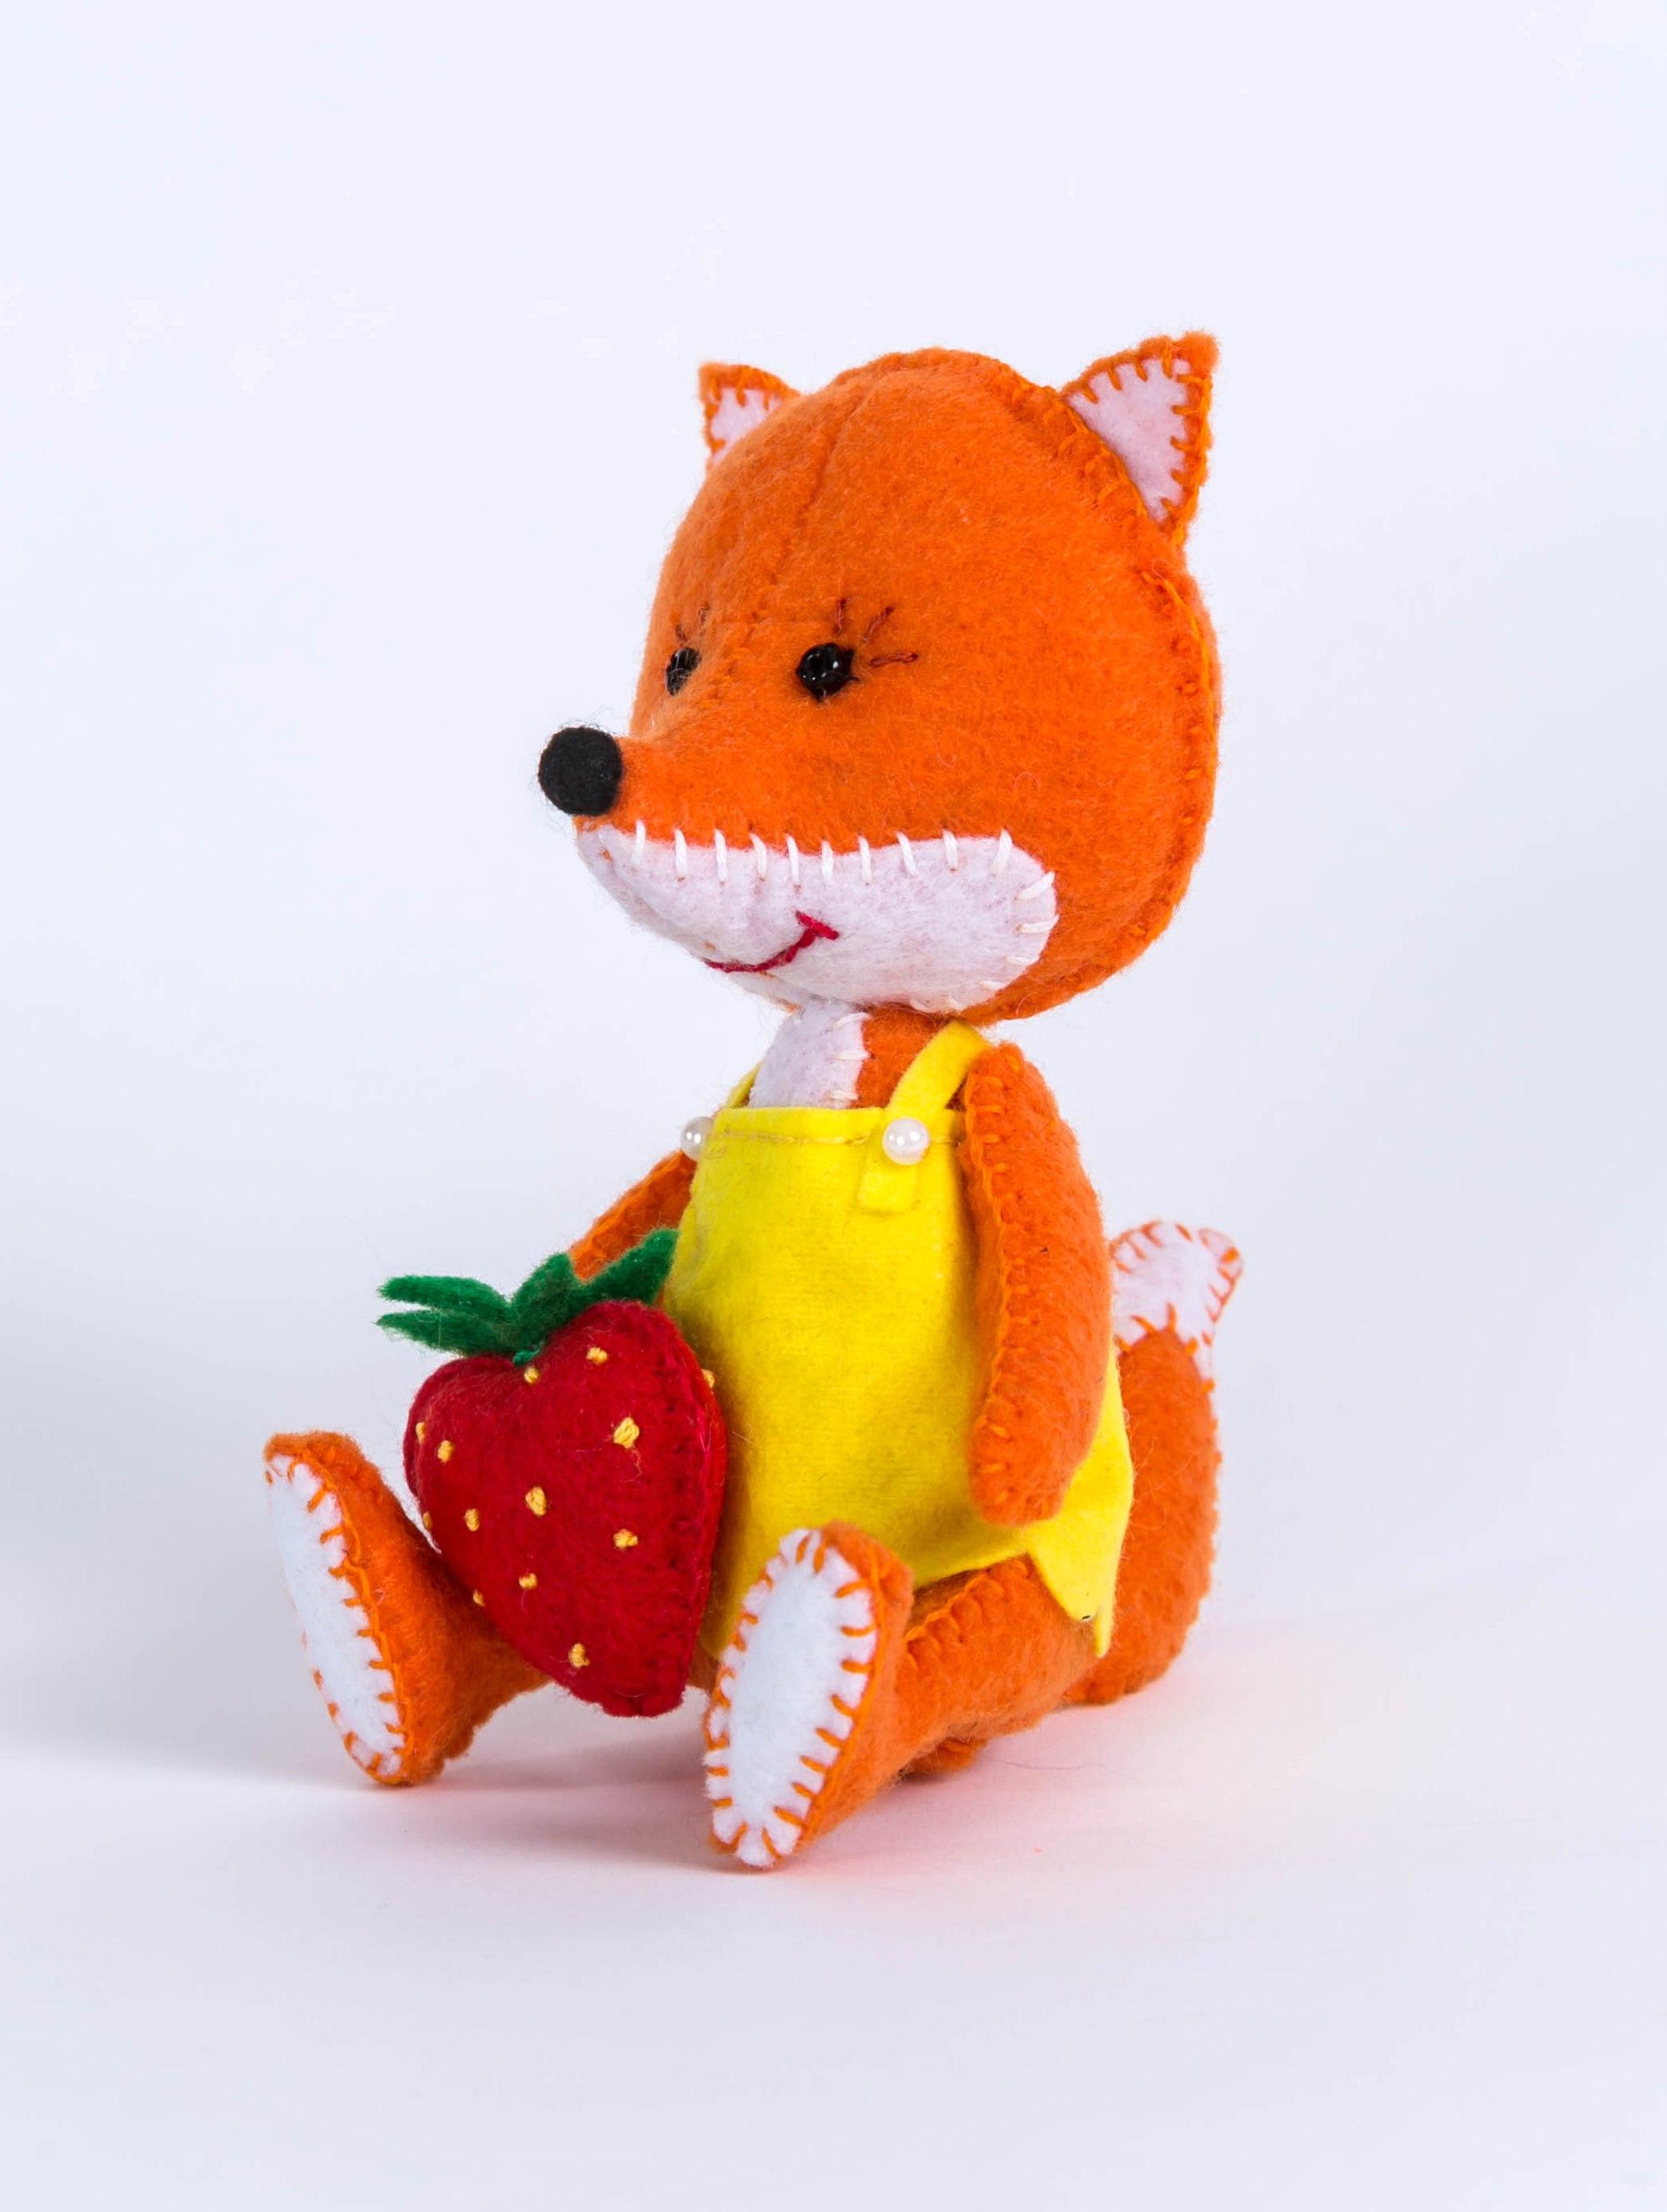 ПФД-1056 Набор для изготовления текстильной игрушки серия Детки 'Лисичка'